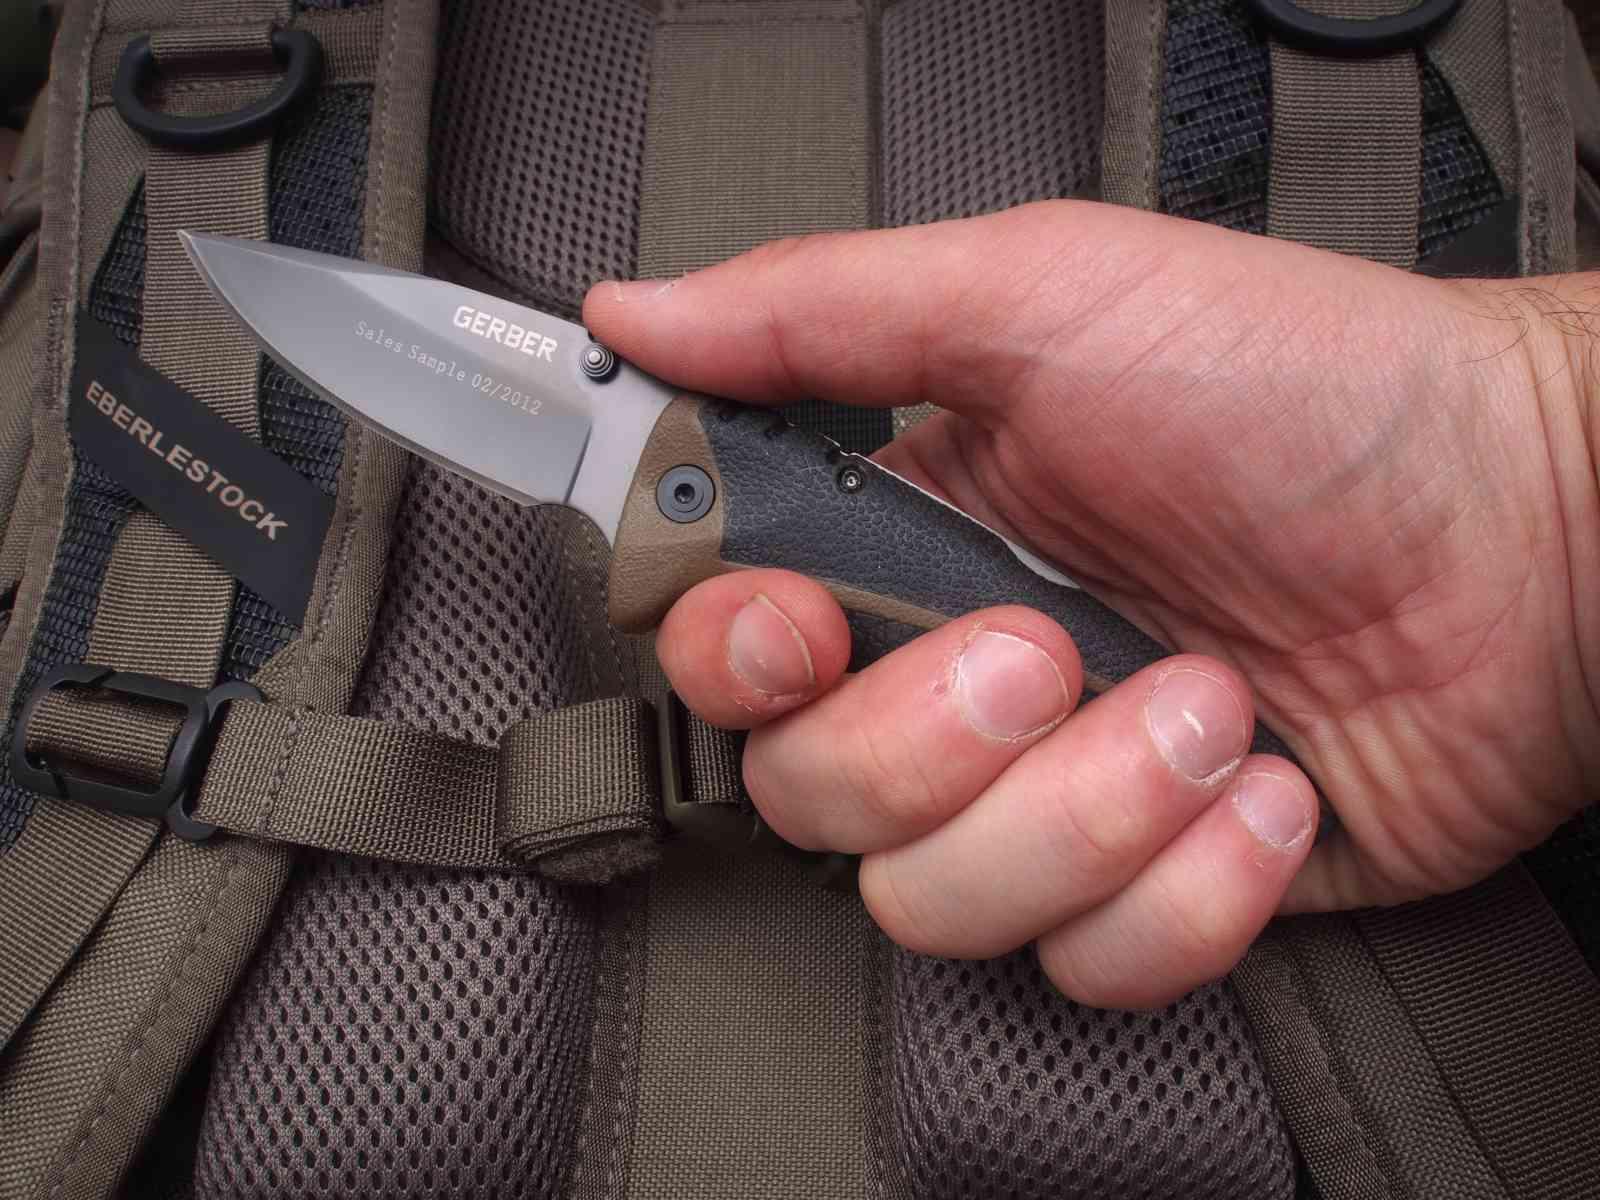 Gerber Myth Pocket Folder - eher kleines Messer